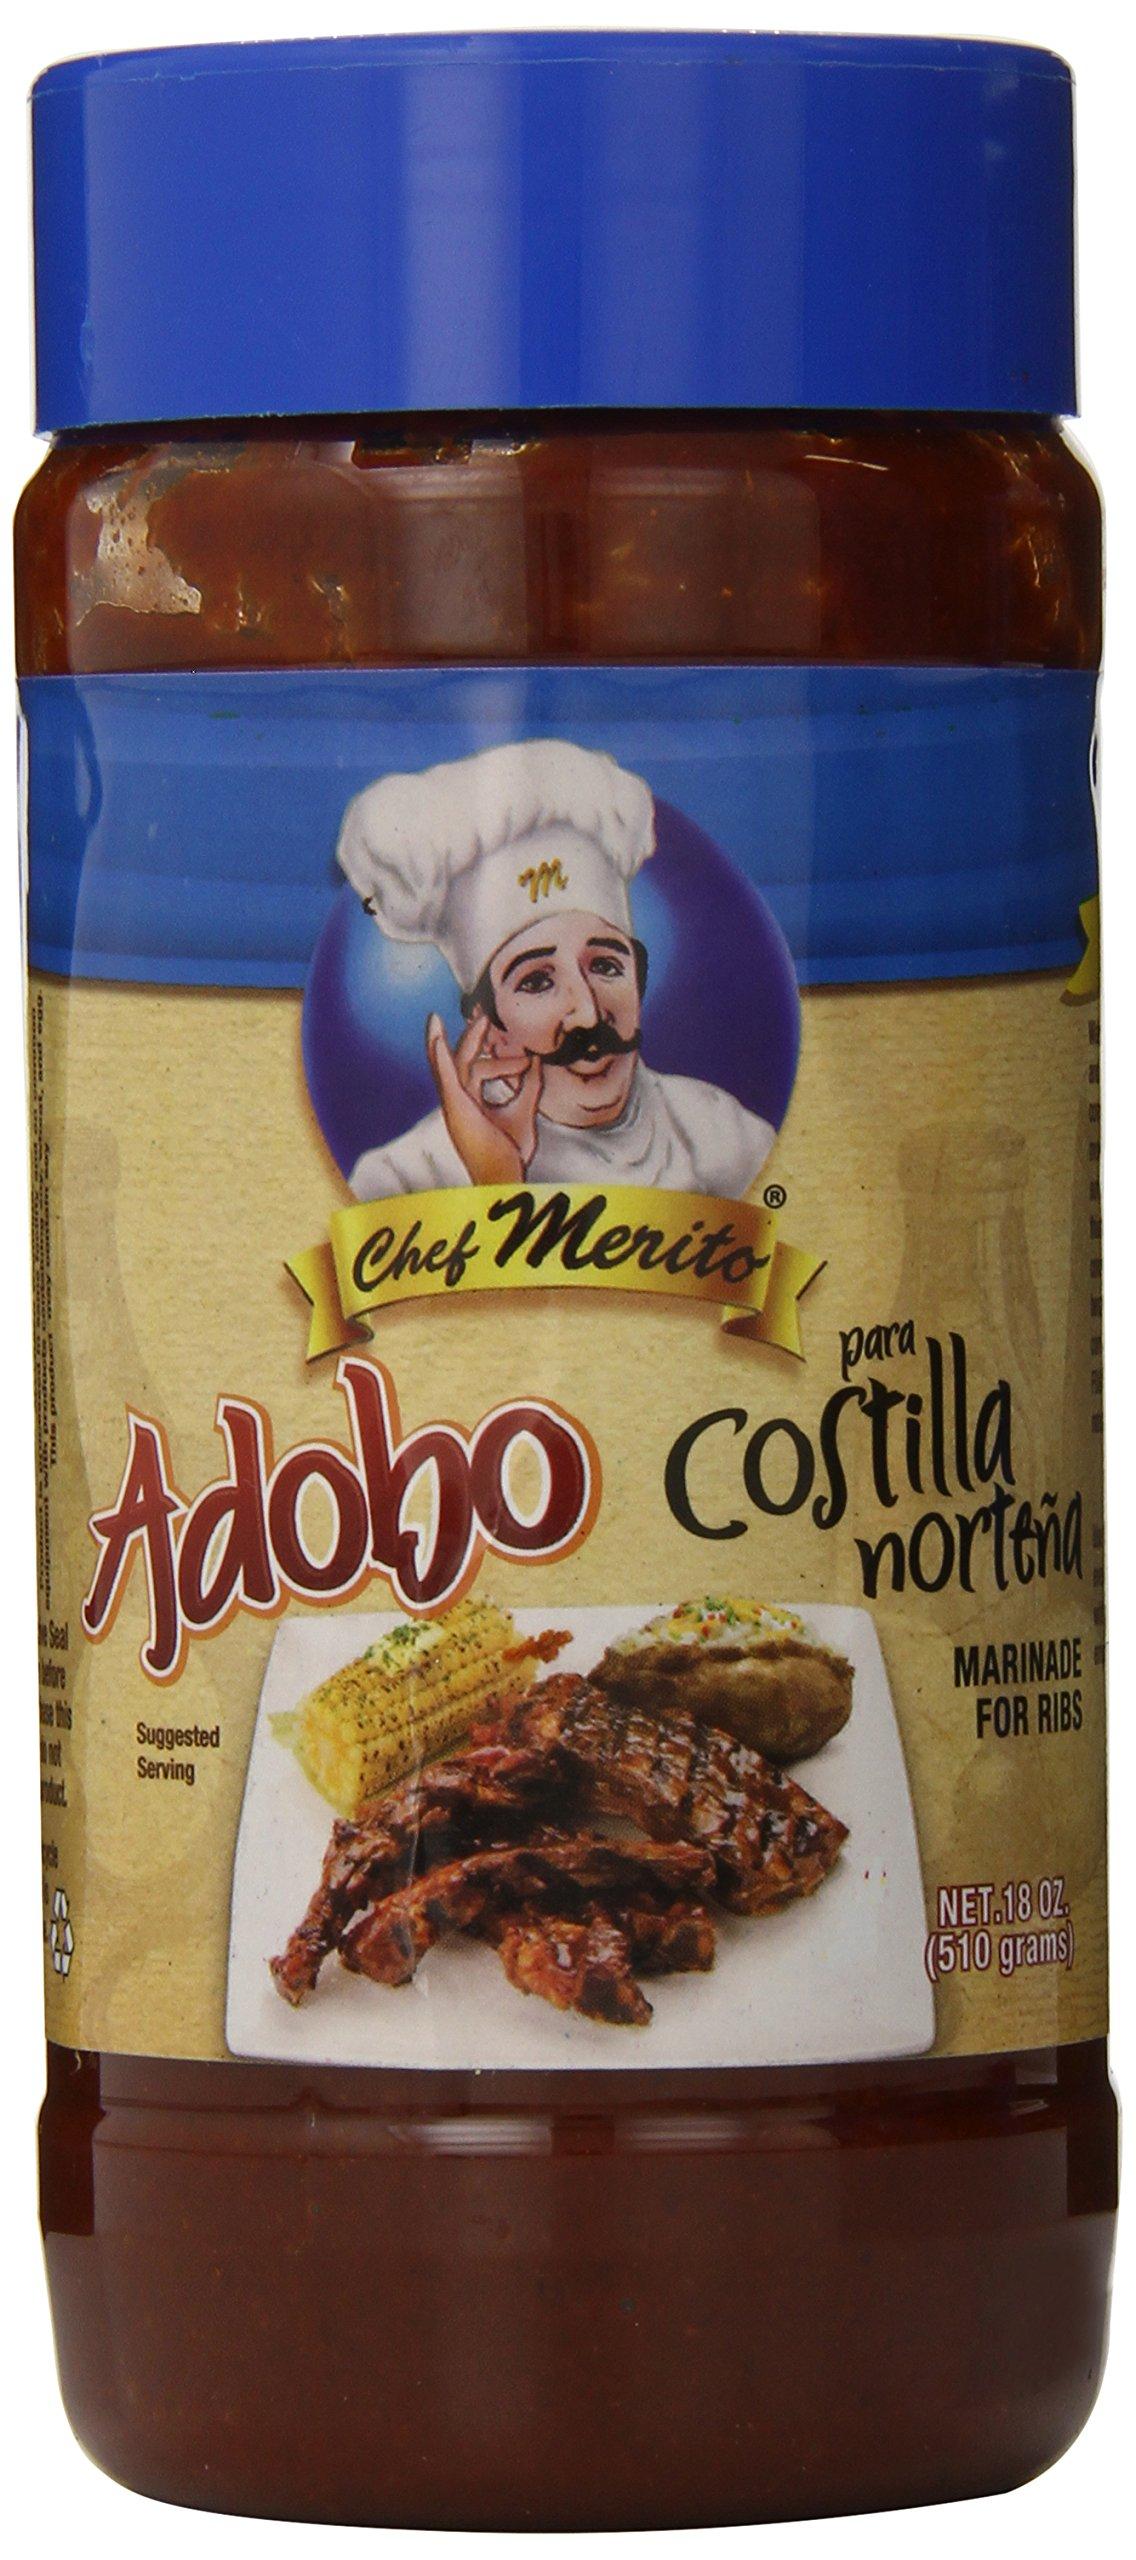 Chef Merito Adobo Costillas Nortenas, 18.0 Ounce